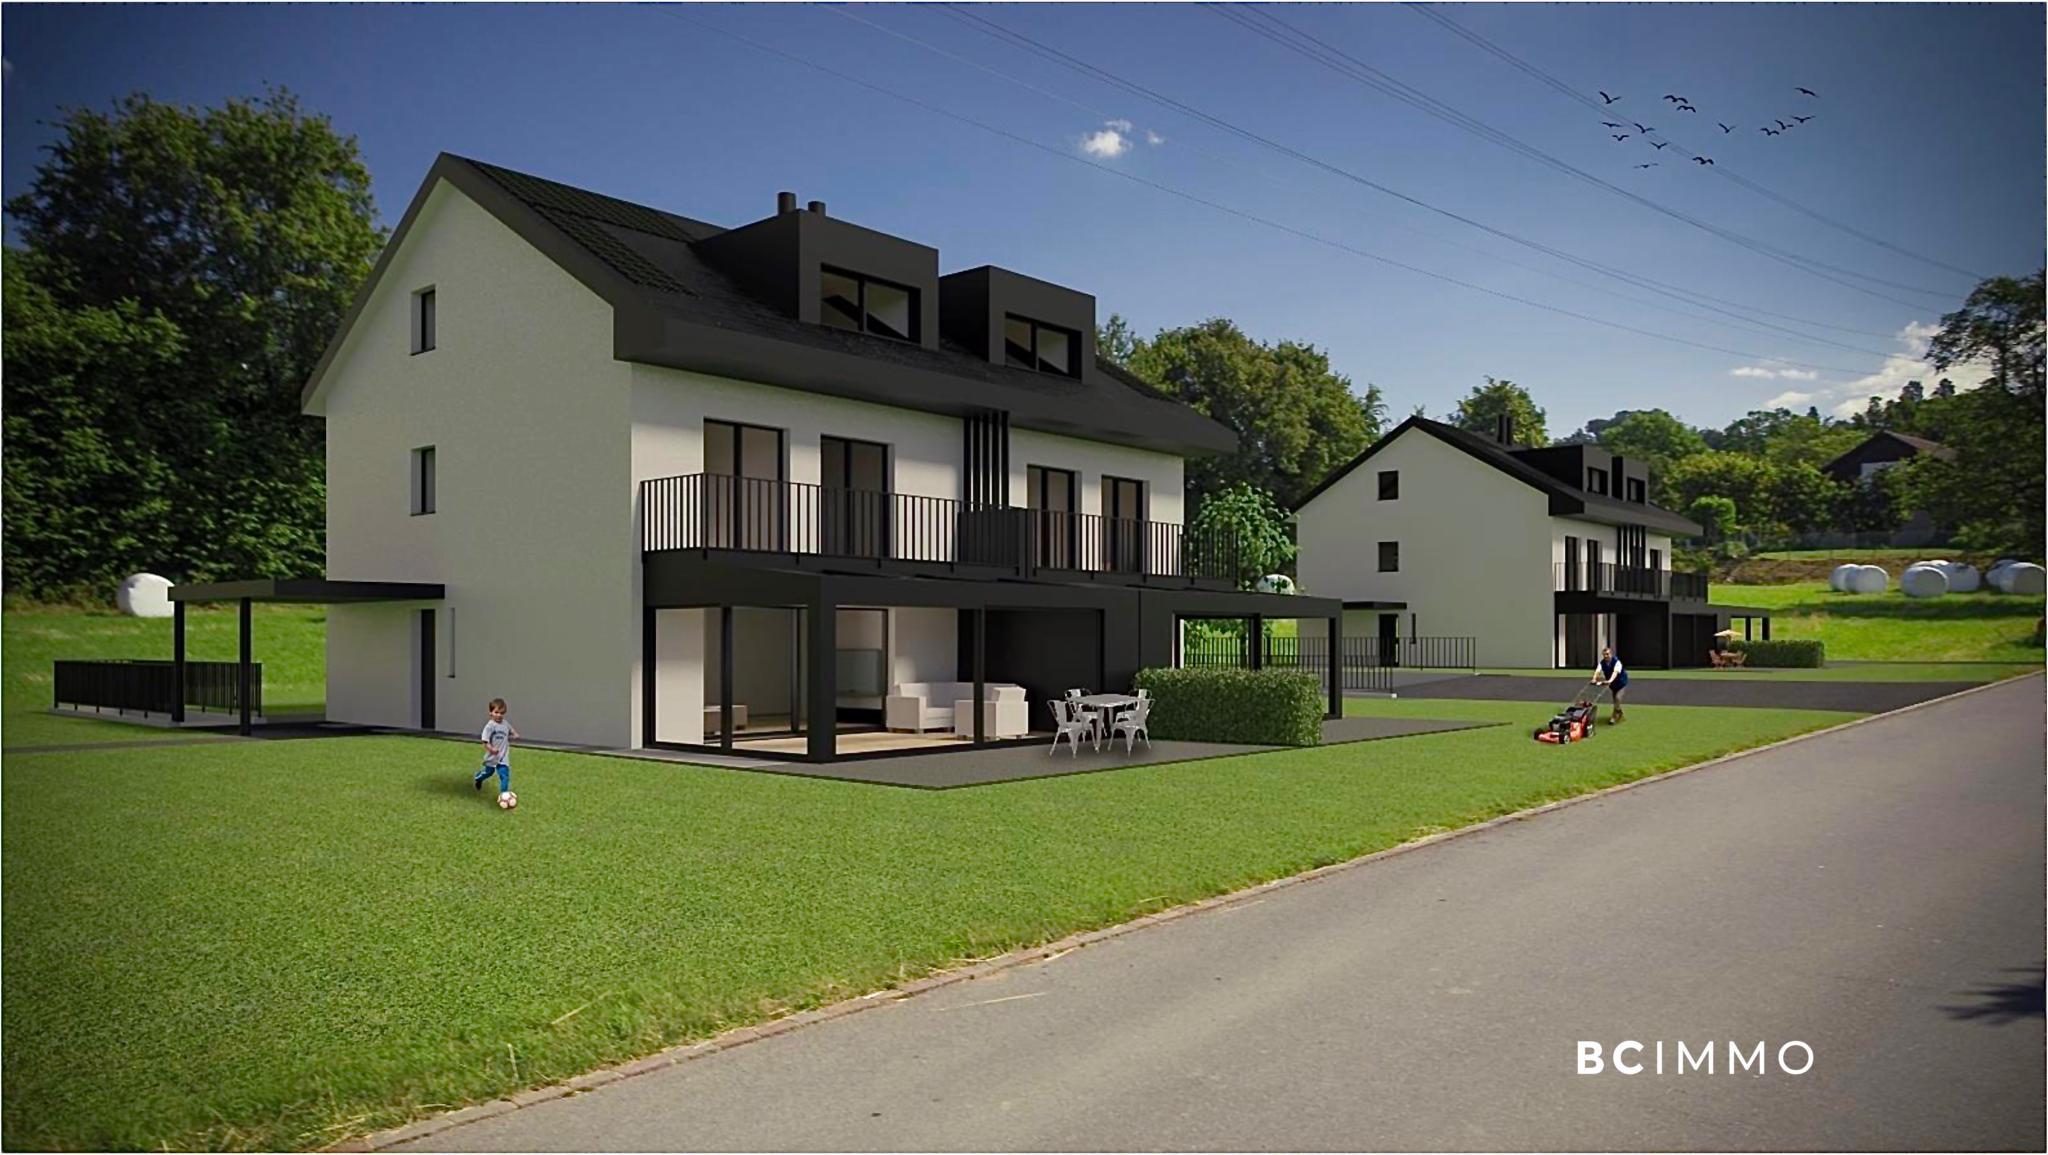 BC Immo - Magnifique projet de villas jumelles avec garage souterrain sur la commune de Jouxtens-Mézery - 1008KG64-3